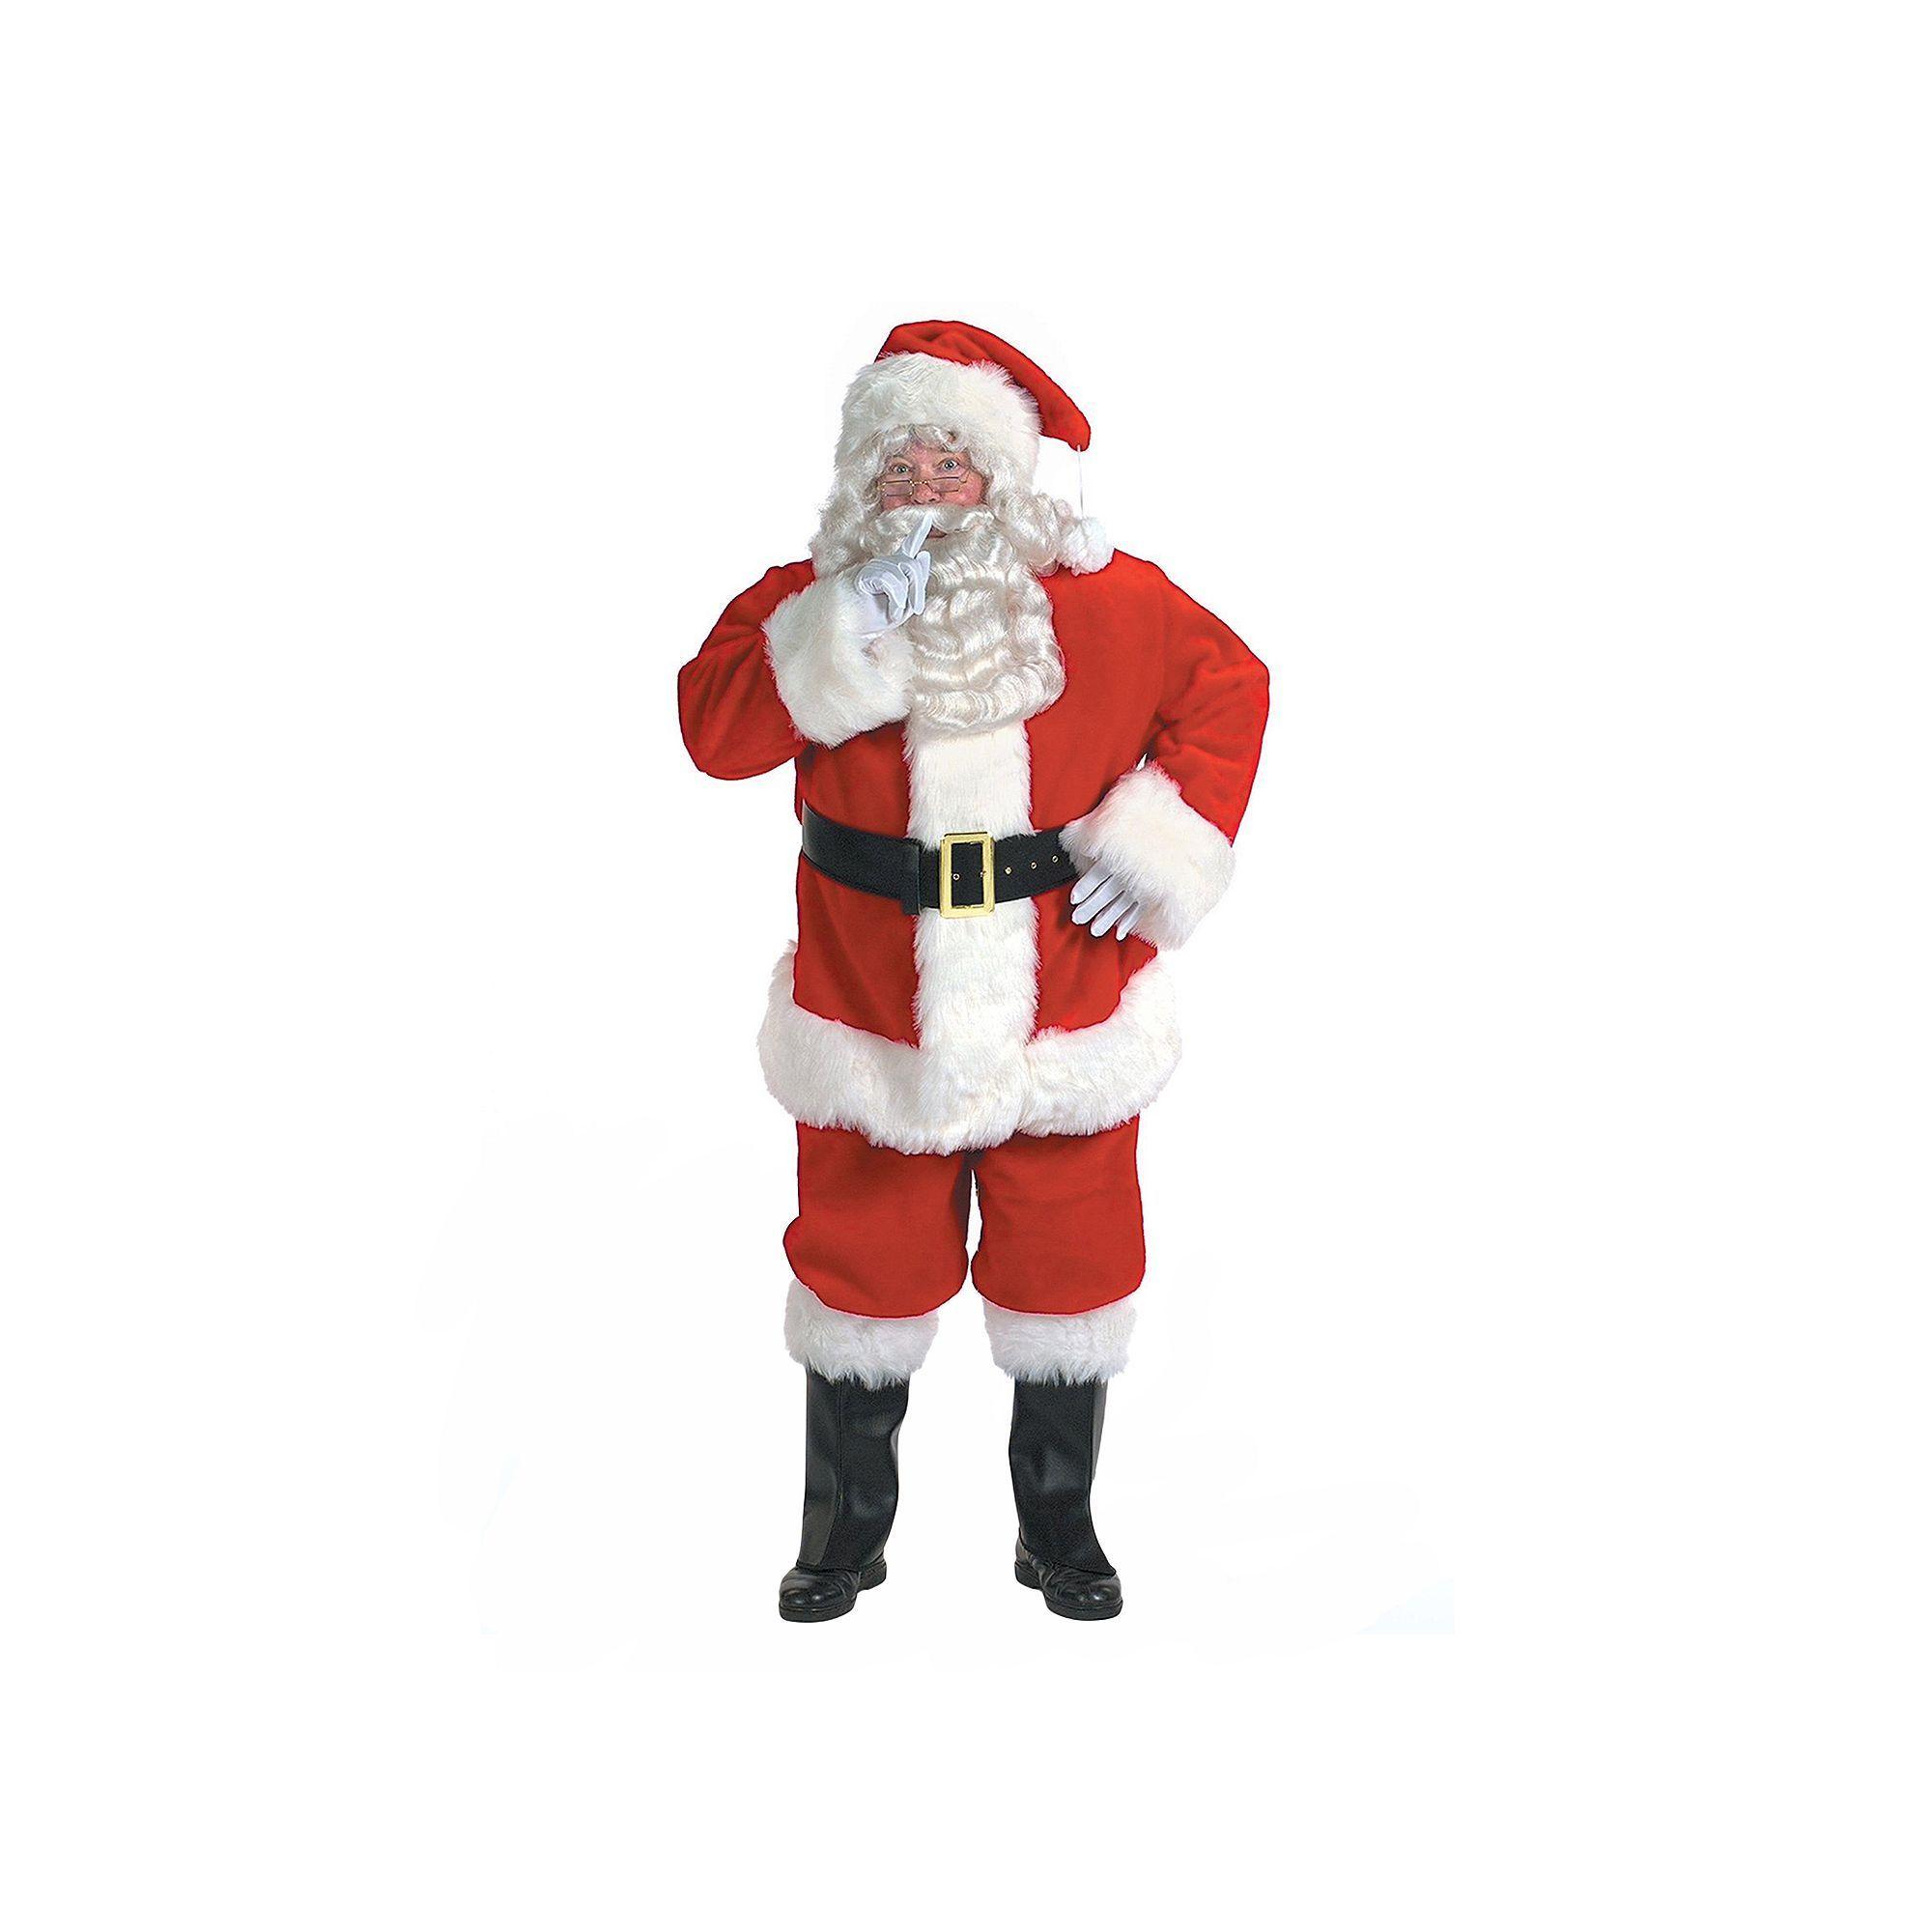 c7117d11c7e5 Adult Plus Size Professional Santa Suit Costume